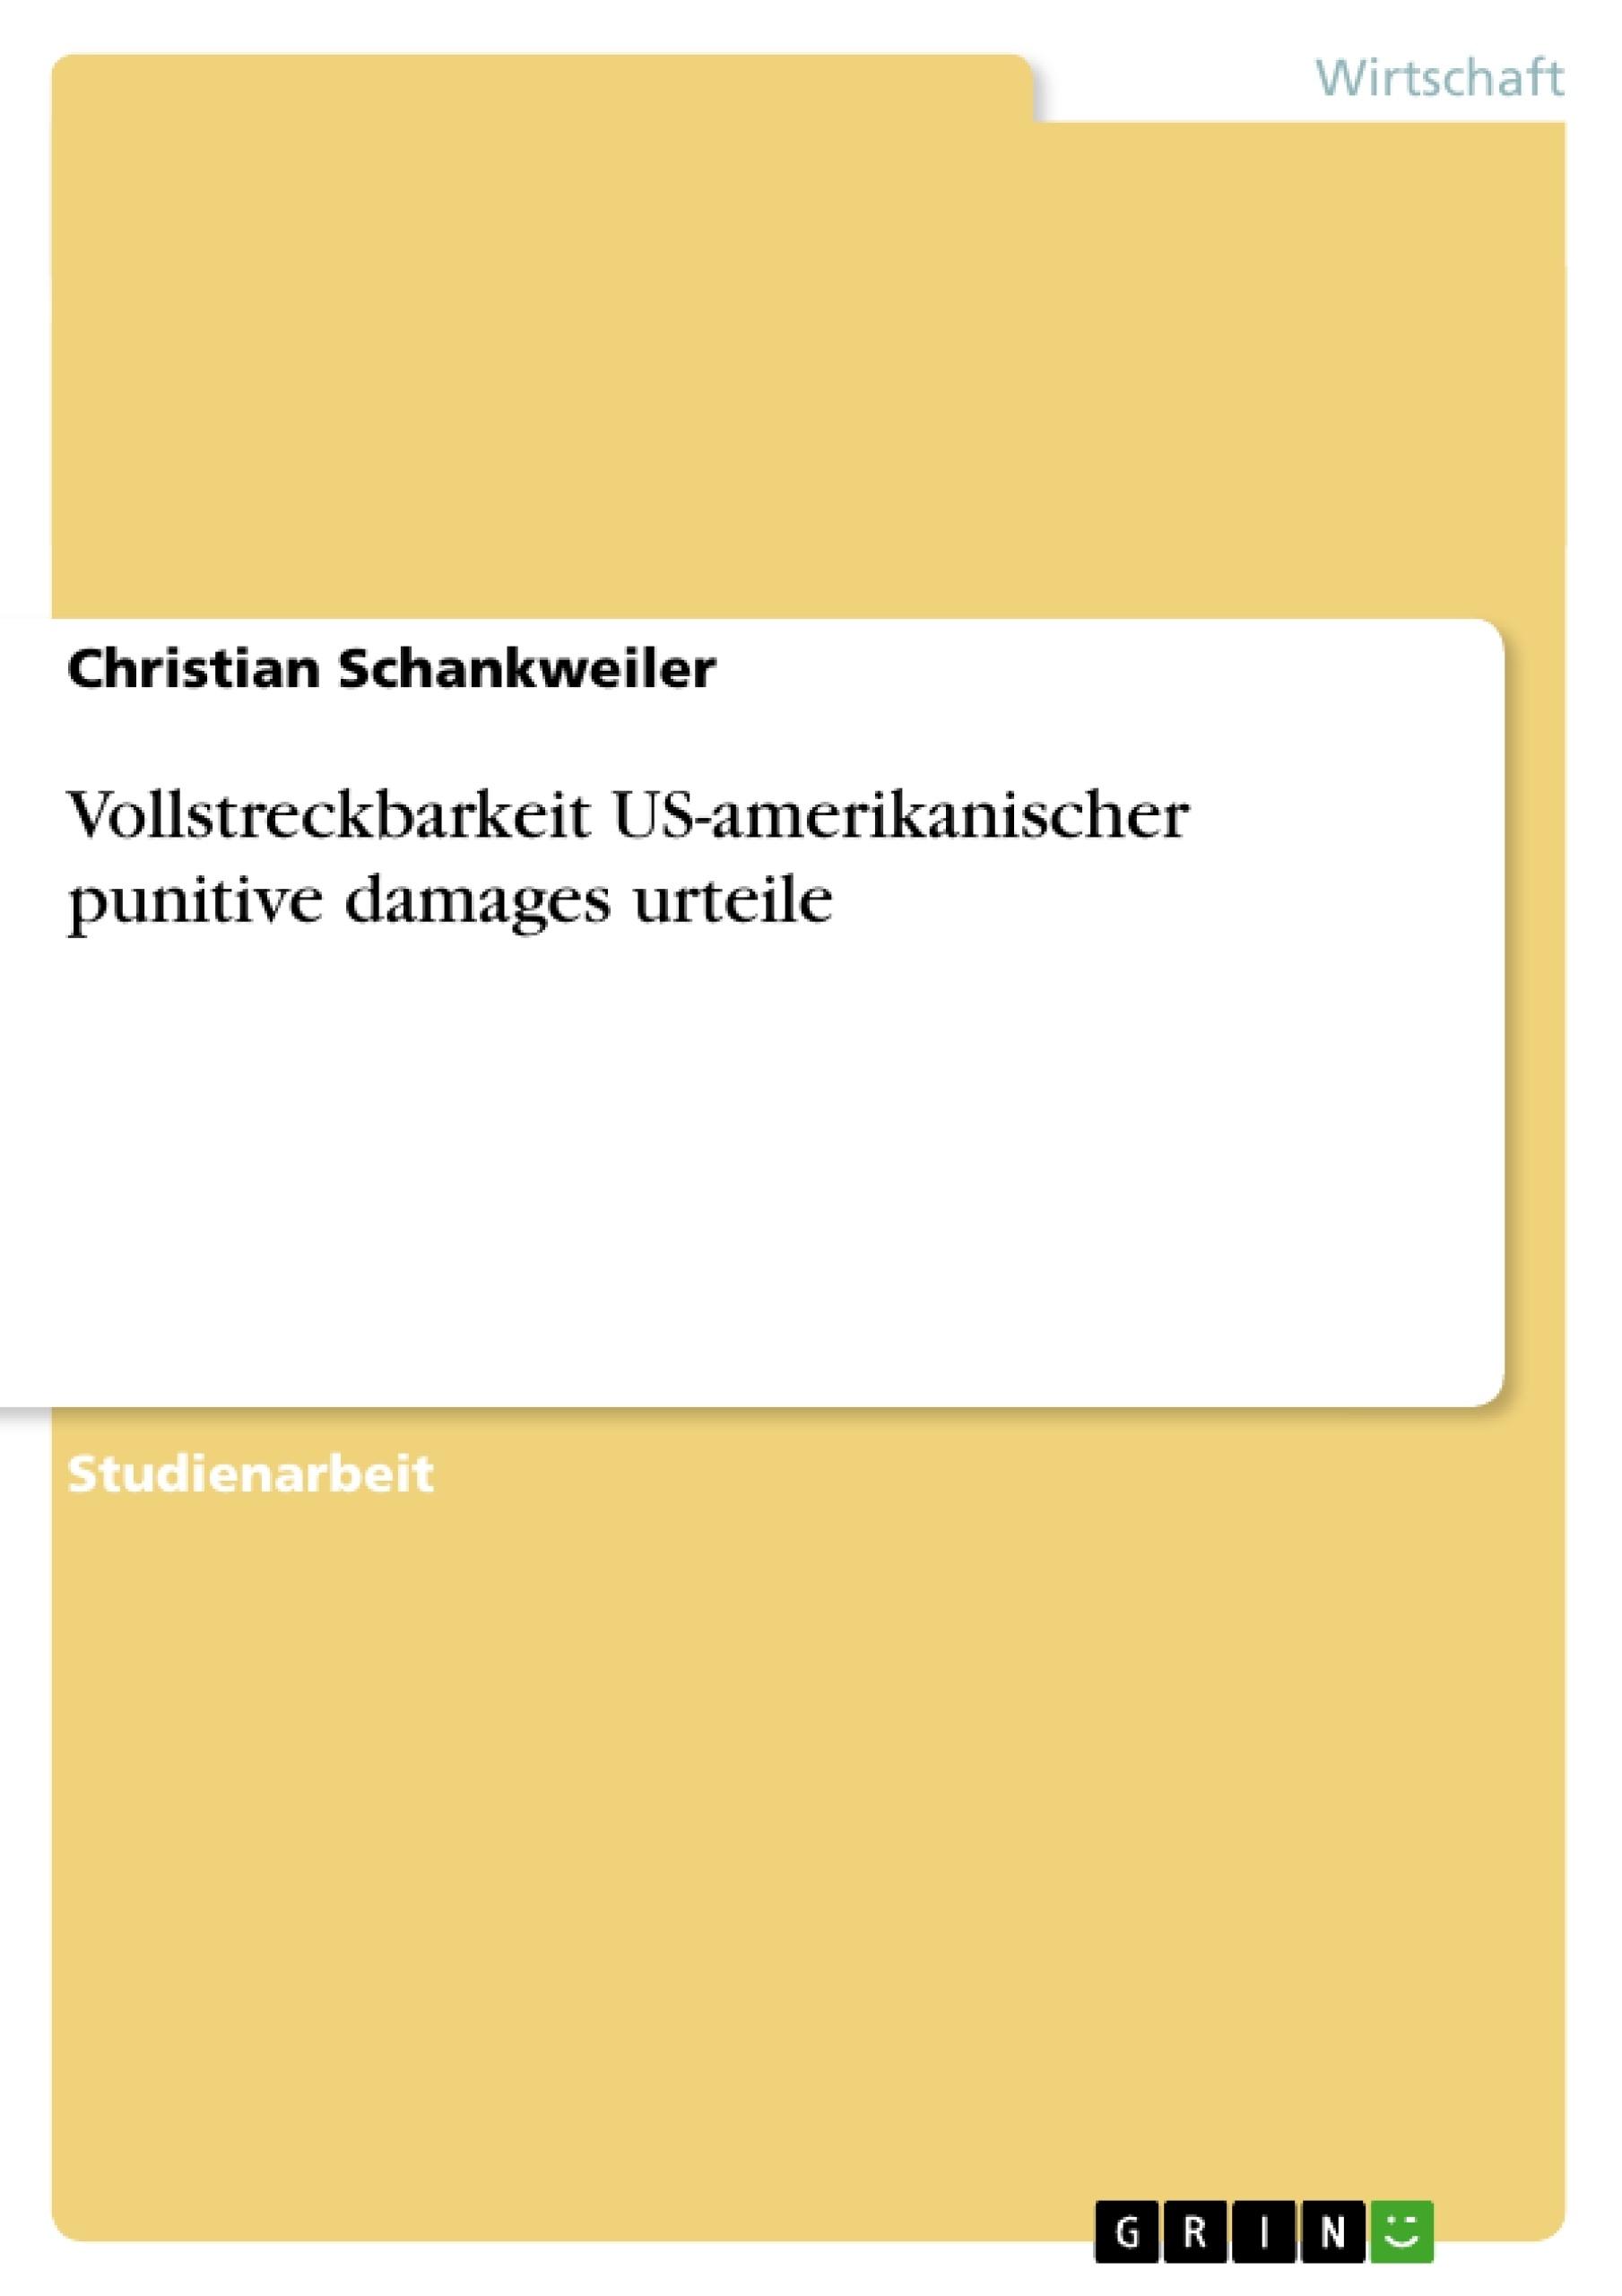 Titel: Vollstreckbarkeit US-amerikanischer punitive damages urteile